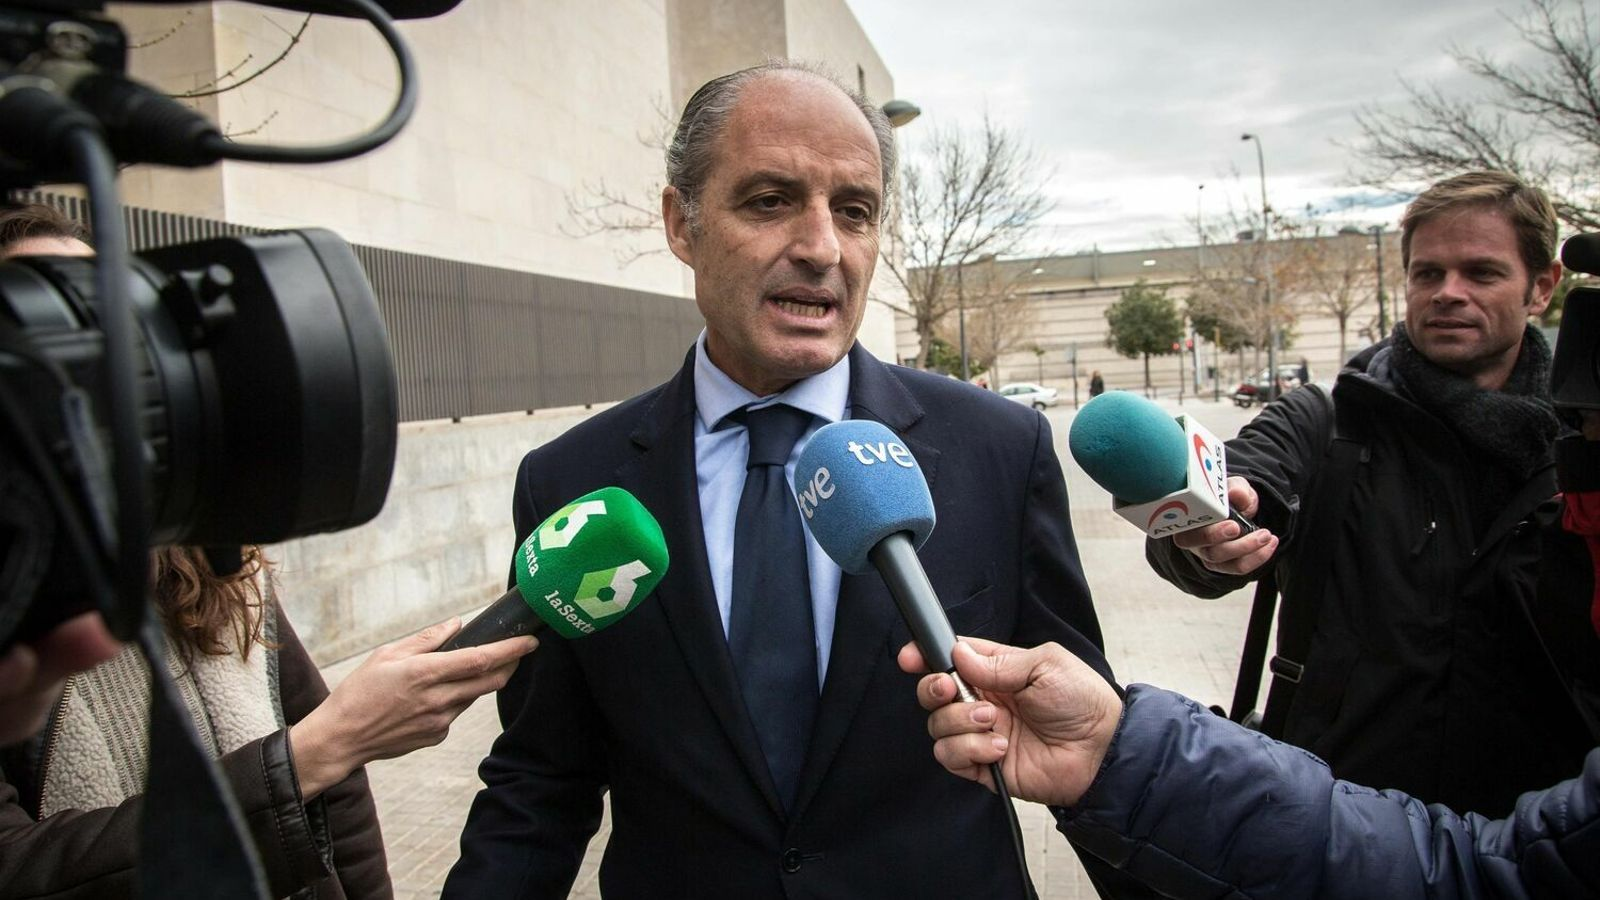 La jutge processa l'expresident Camps per la construcció del circuit de F1 a València